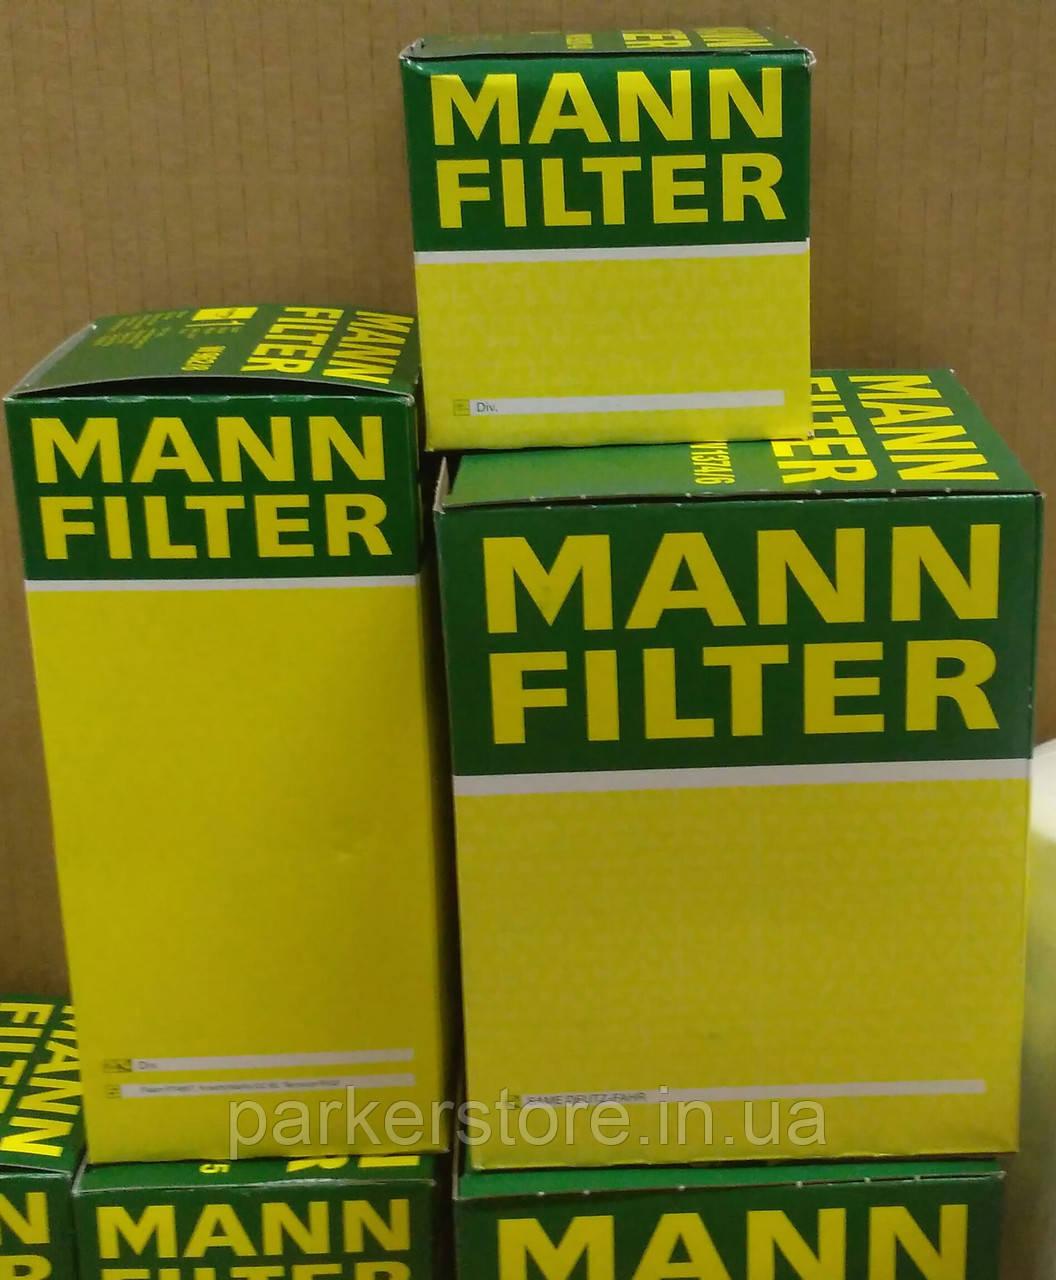 MANN FILTER / Воздушный фильтр / C 15 120 / C15120